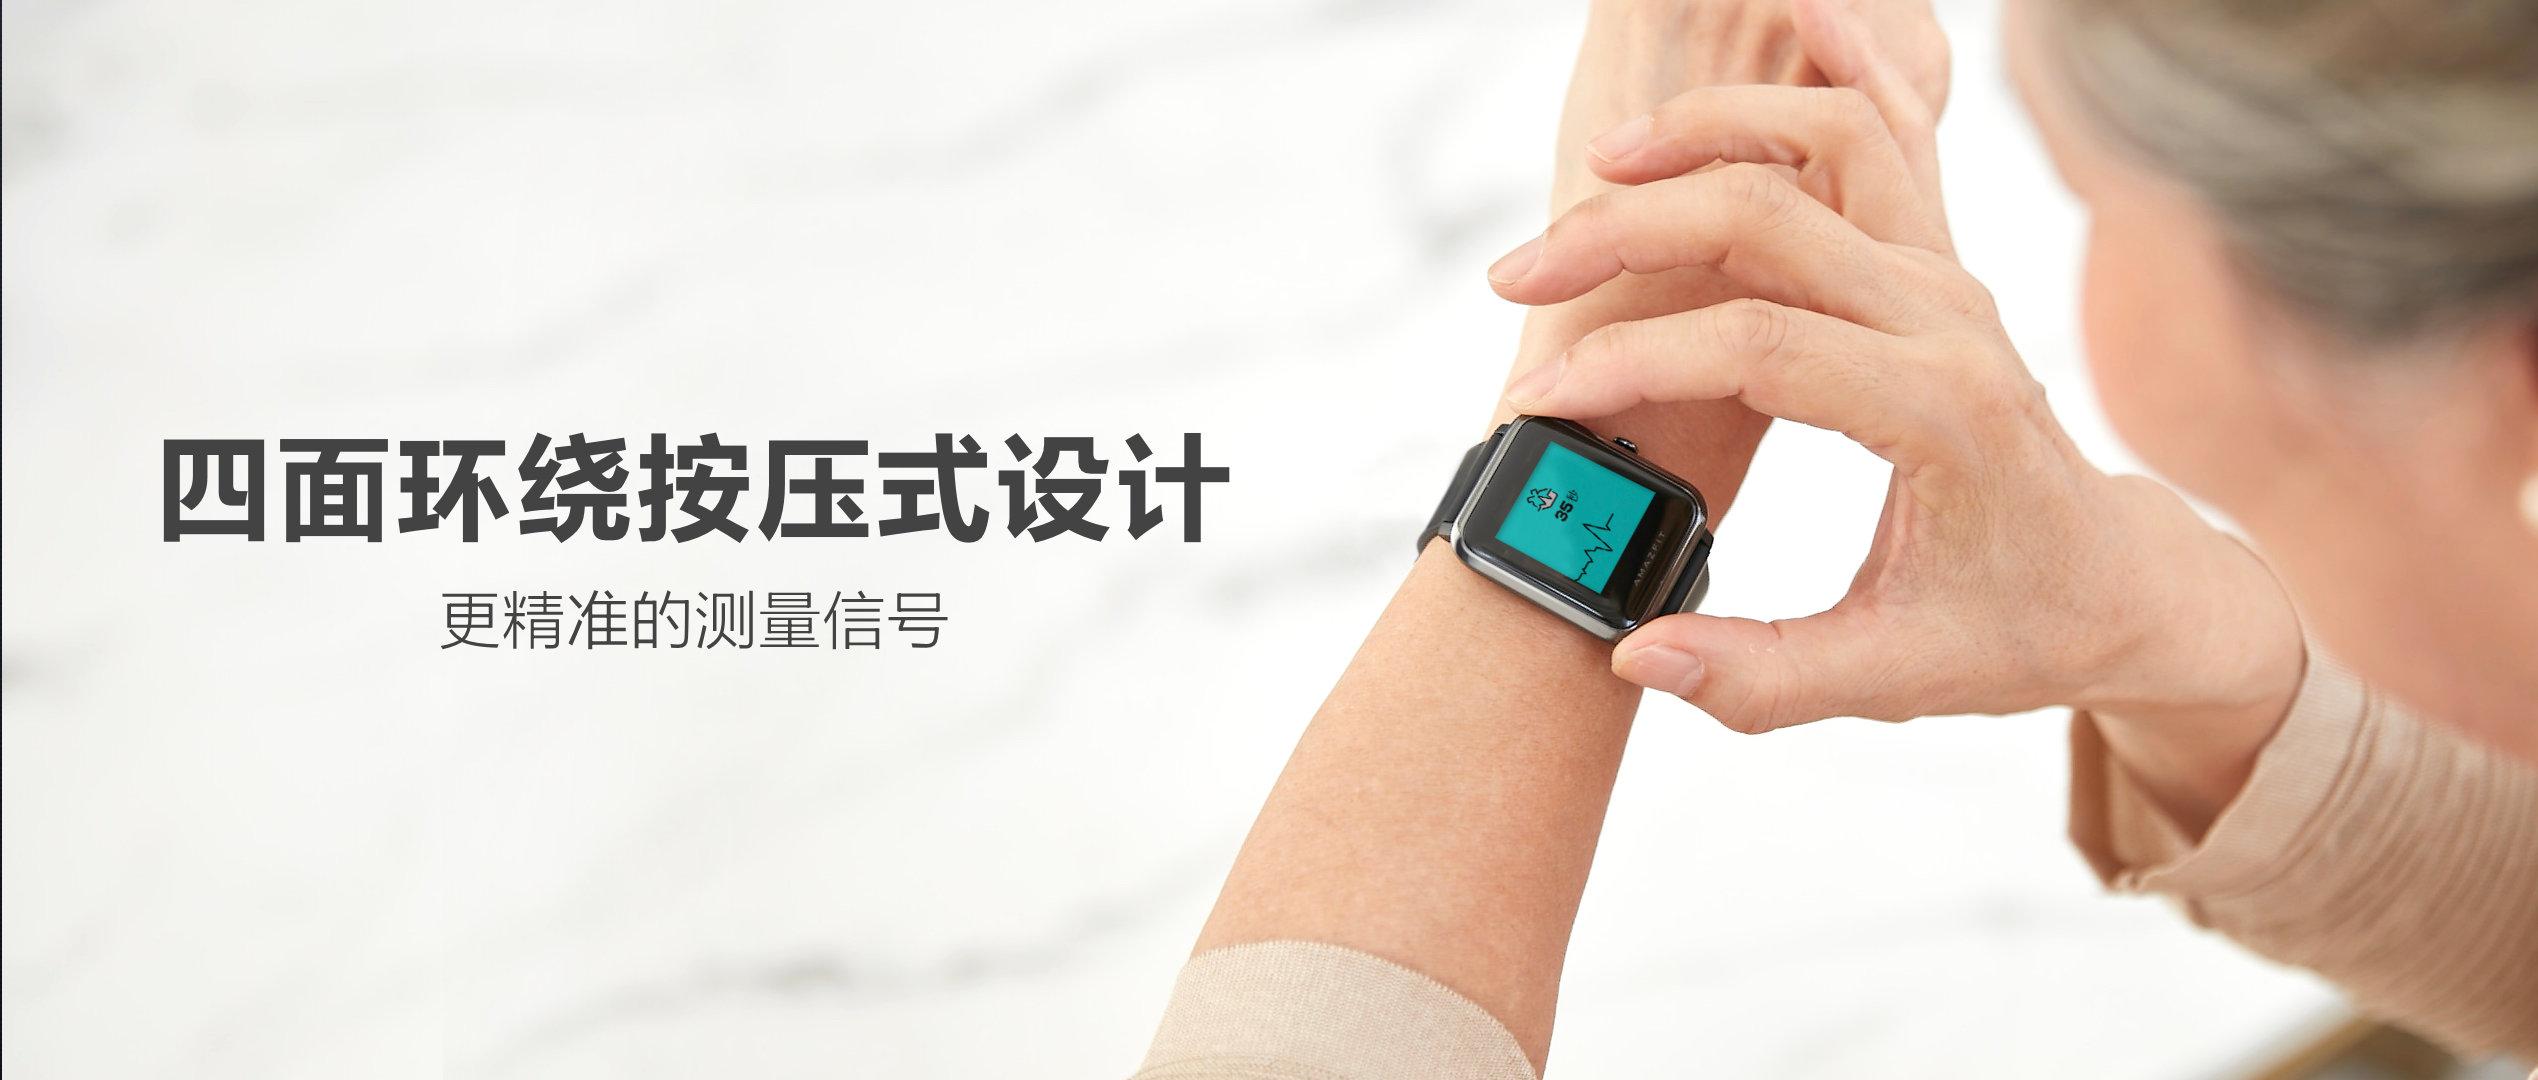 国产SoC黄山1号正式应用:首款硬件发布